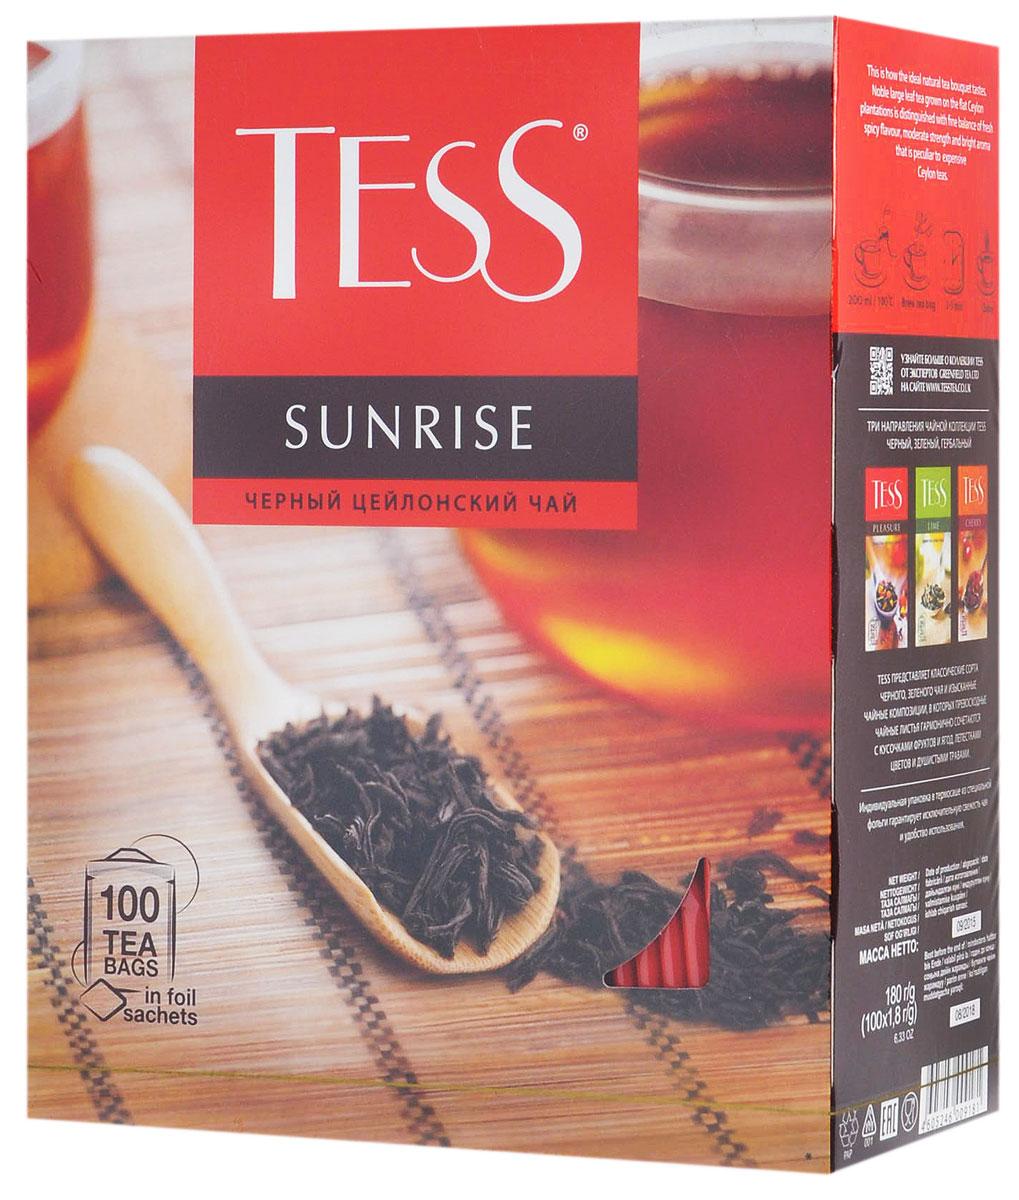 Tess Sunrise черный чай в пакетиках, 100 шт0918-09Черный байховый цейлонский чай Tess Sunrise отличается необыкновенно насыщенным ярким вкусом и тонким, очень приятным ароматом, свойственным цейлонским чаям.